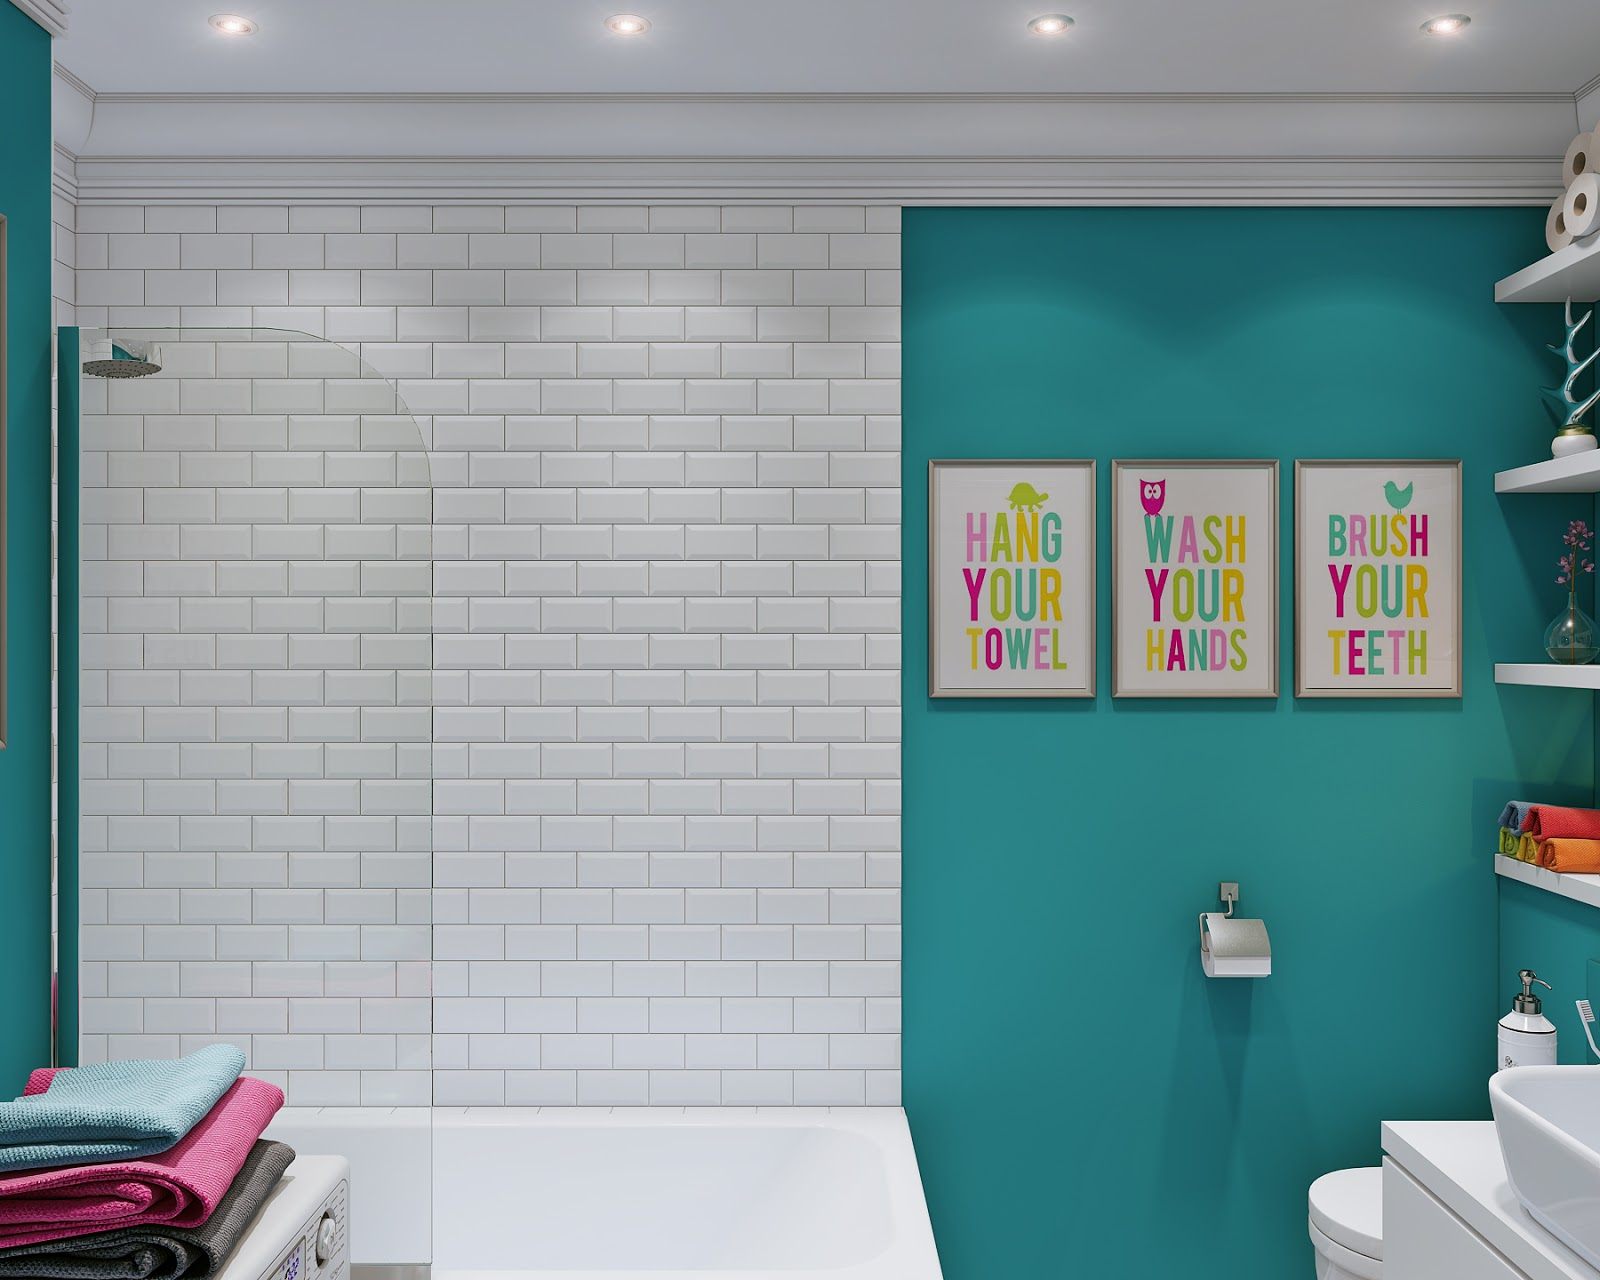 Arredare piccoli spazi giocando con i colori 25 mq for Bagno 7 mq